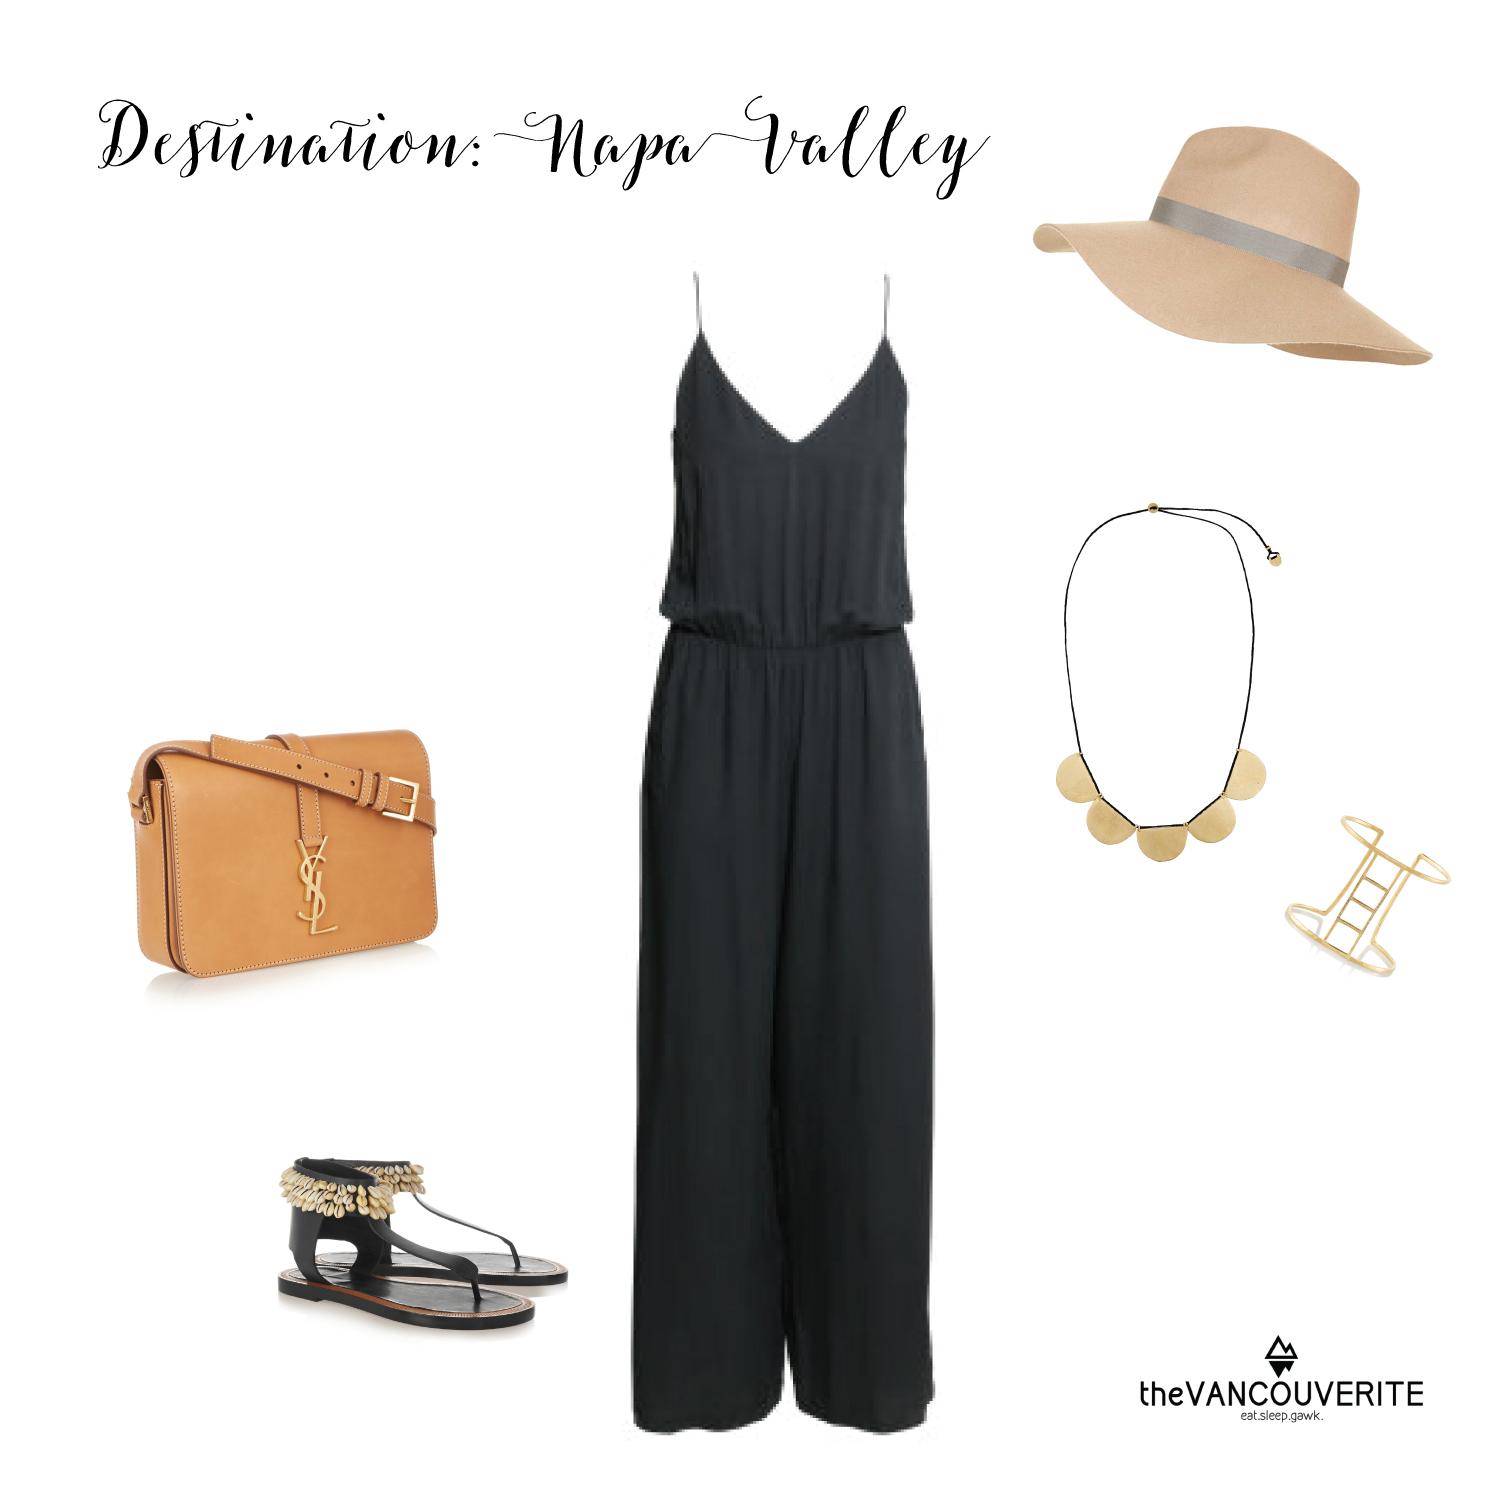 Jump Suit: H&M, Sandals: Isabel Marant, Bag: Saint Laurent, Hat: Topshop, Necklace & Cuff: Scosha.